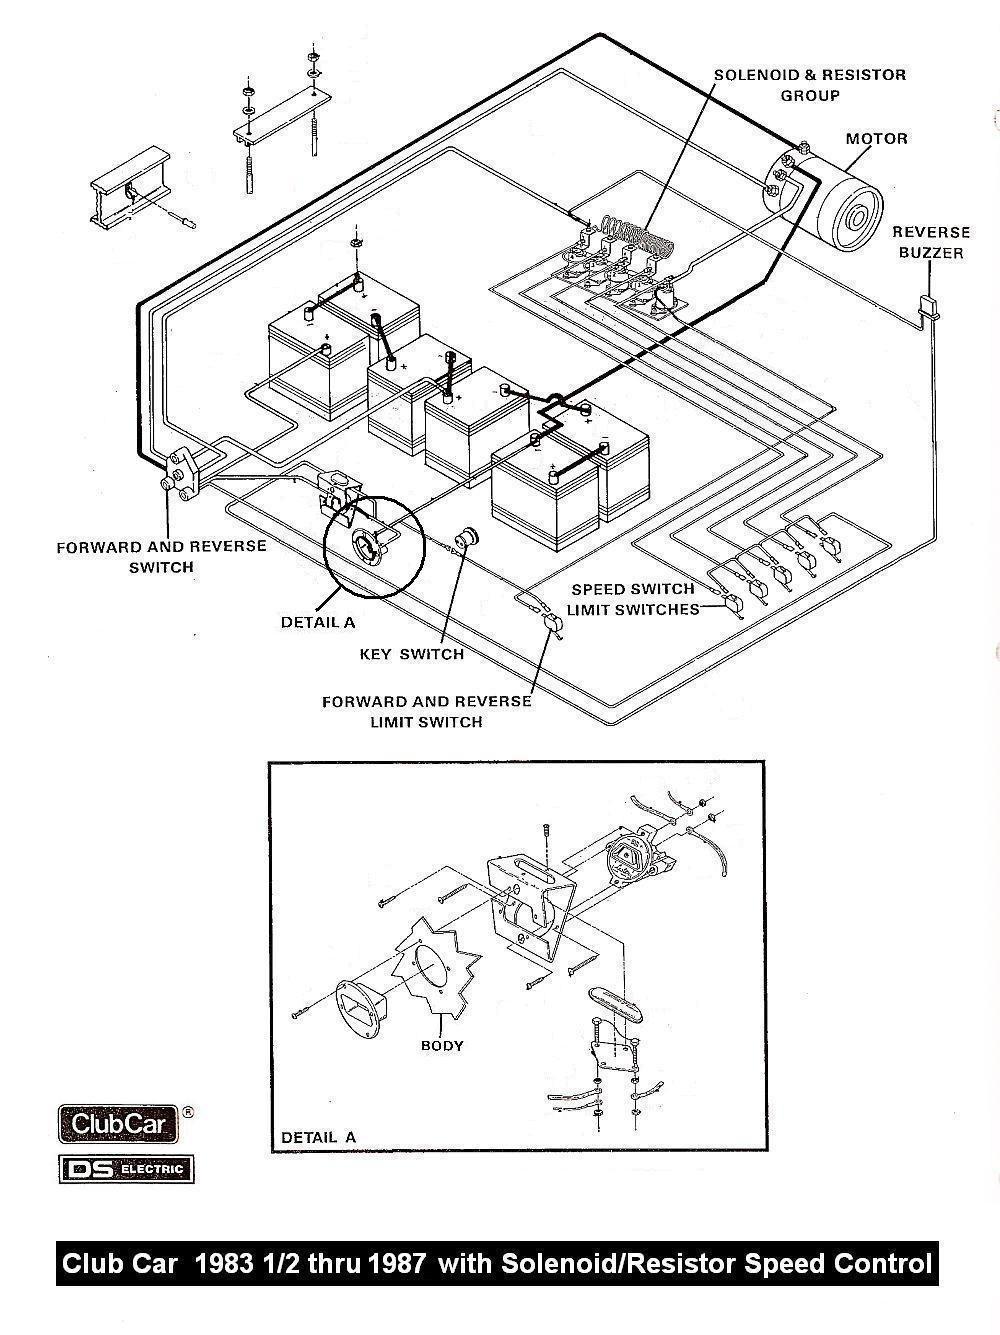 1985 Club Car Forward Reverse Switch Wiring Diagram | Manual E-Books - Club Car Forward Reverse Switch Wiring Diagram